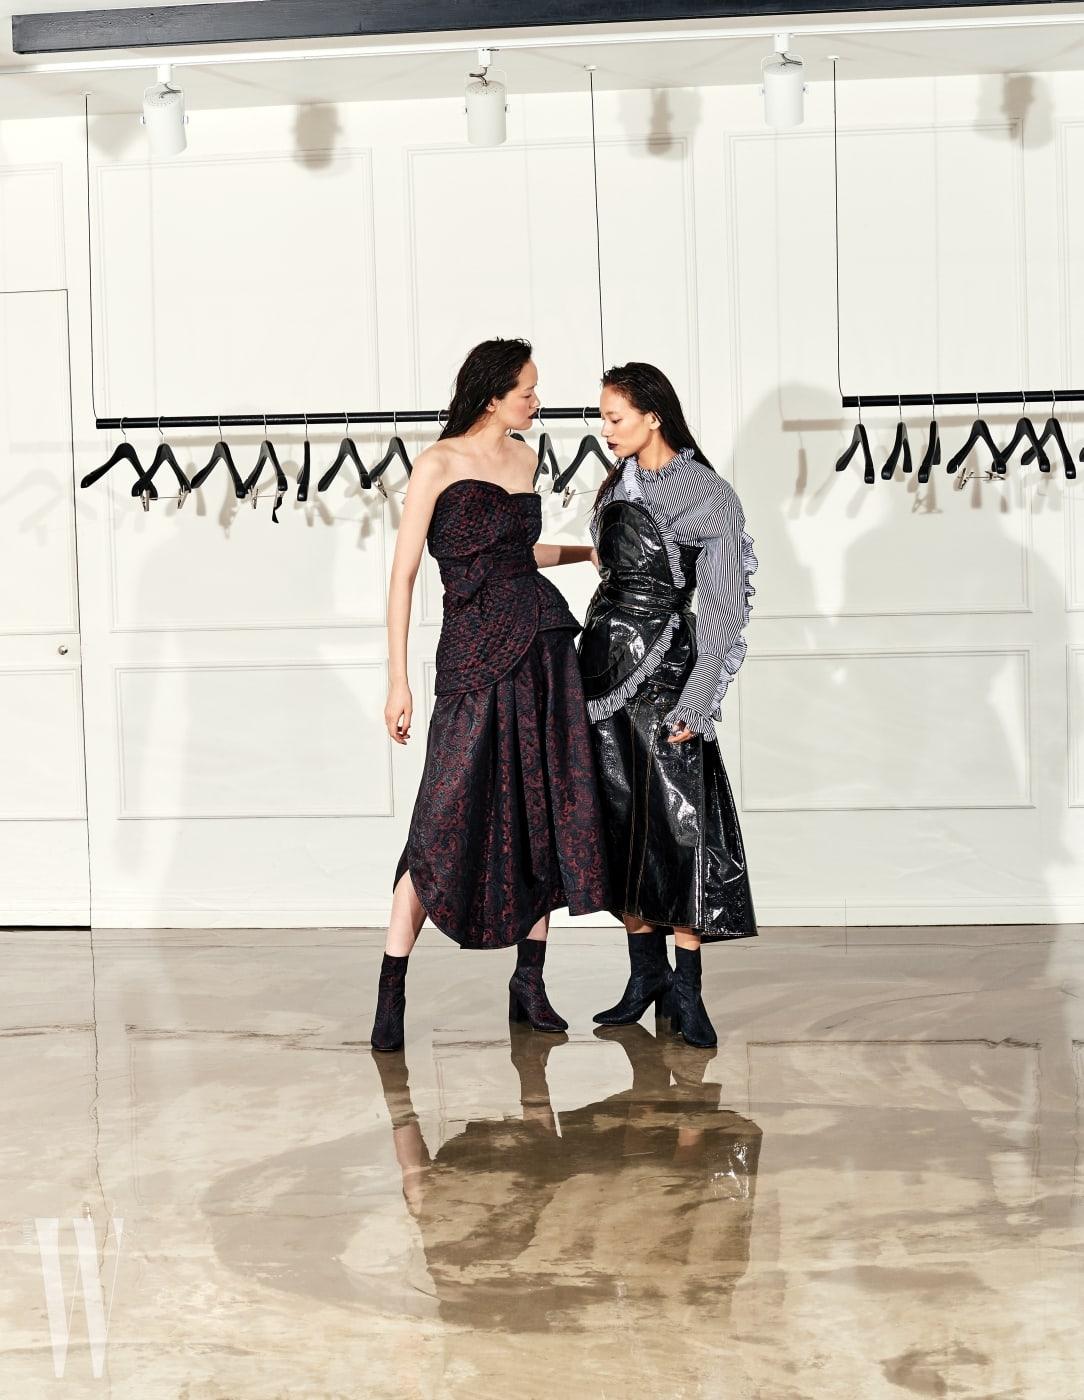 퐁리가 입은 퀼팅 소재의 튜브톱과 스커트, 안나가 입은 러플 셔츠, 페이턴트 소재의 뷔스티에, 스커트, 슈즈는 모두 J KOO 제품.